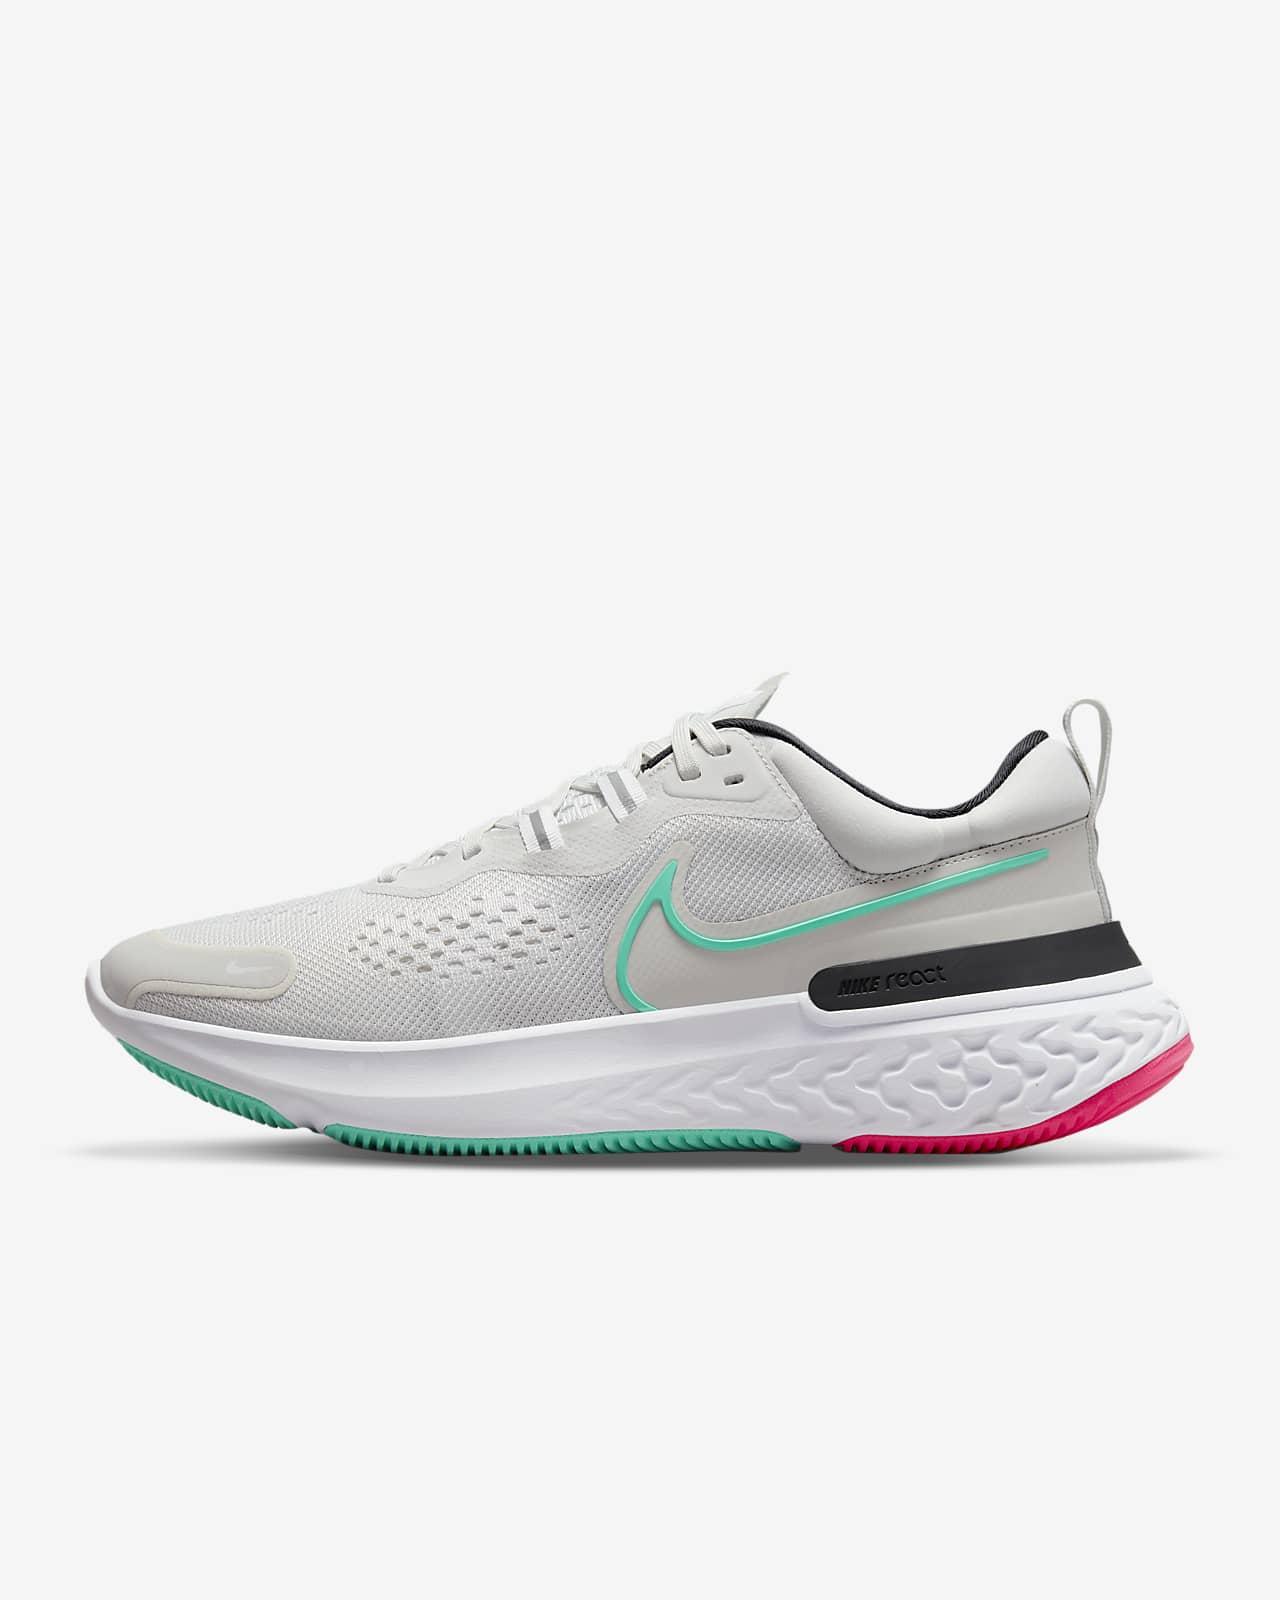 Calzado de running de carretera para hombre Nike React Miler 2